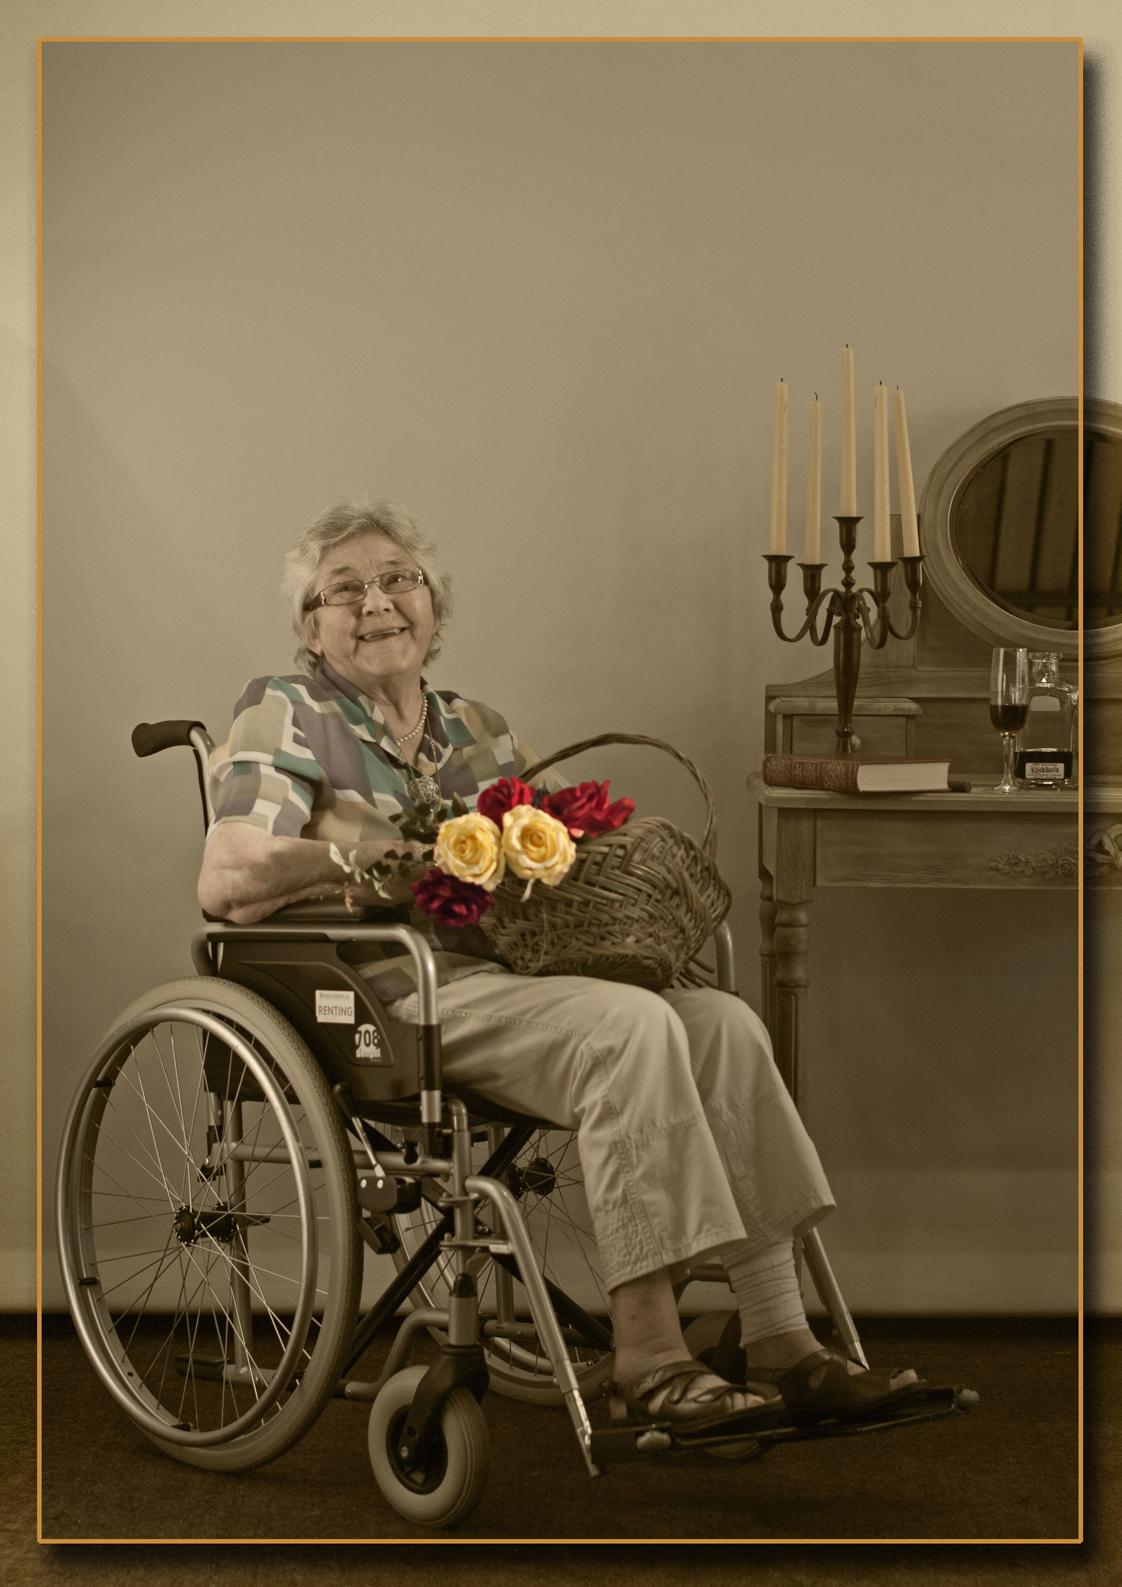 Senioren 25 - Voor de omschrijving zie bij Senioren 1. - foto door kosmopol op 13-01-2012 - deze foto bevat: portret, glamour, senioren, kosmopol